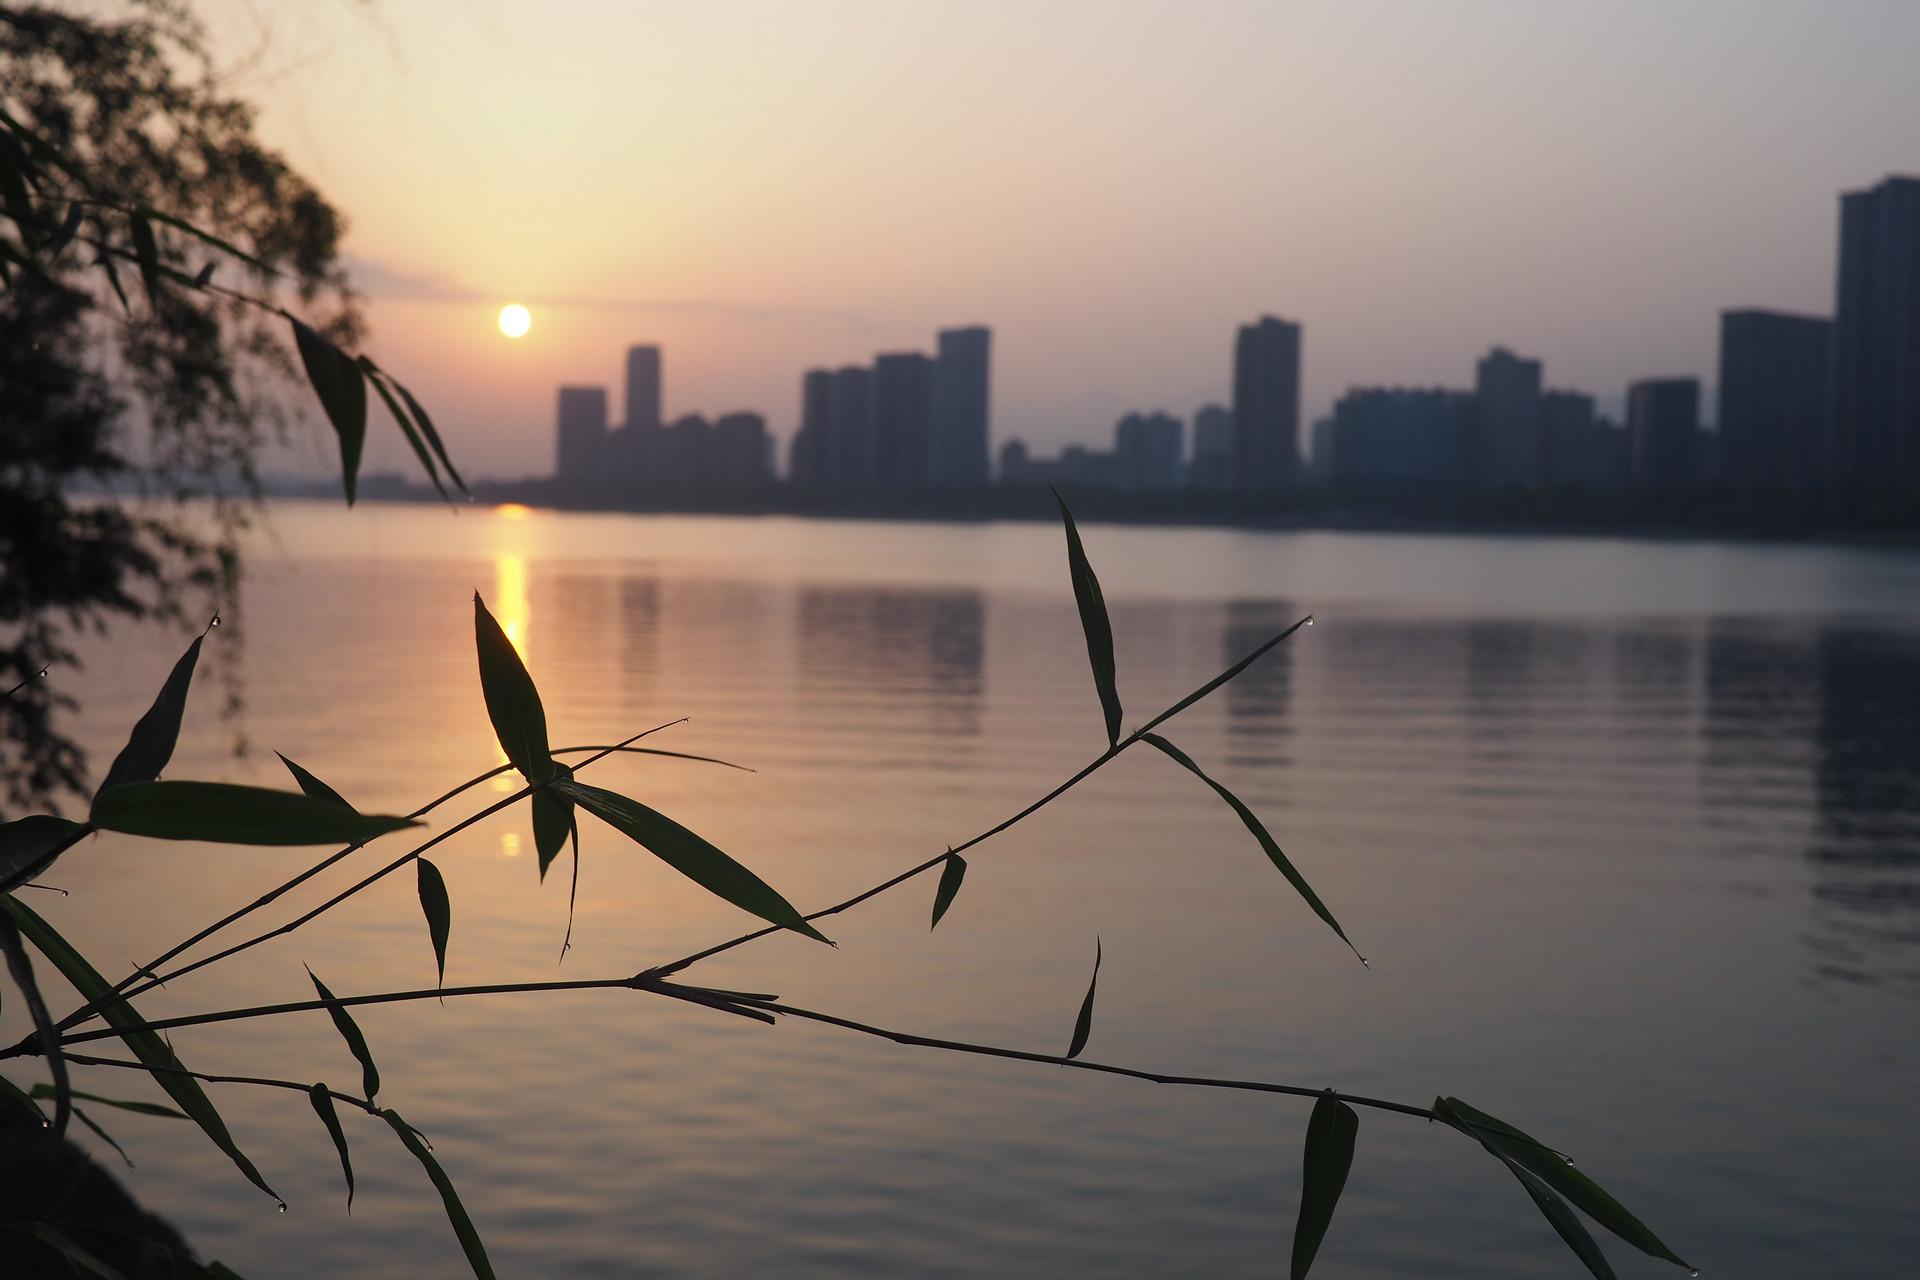 @桐庐县江畔公园 Canon EOS 700D